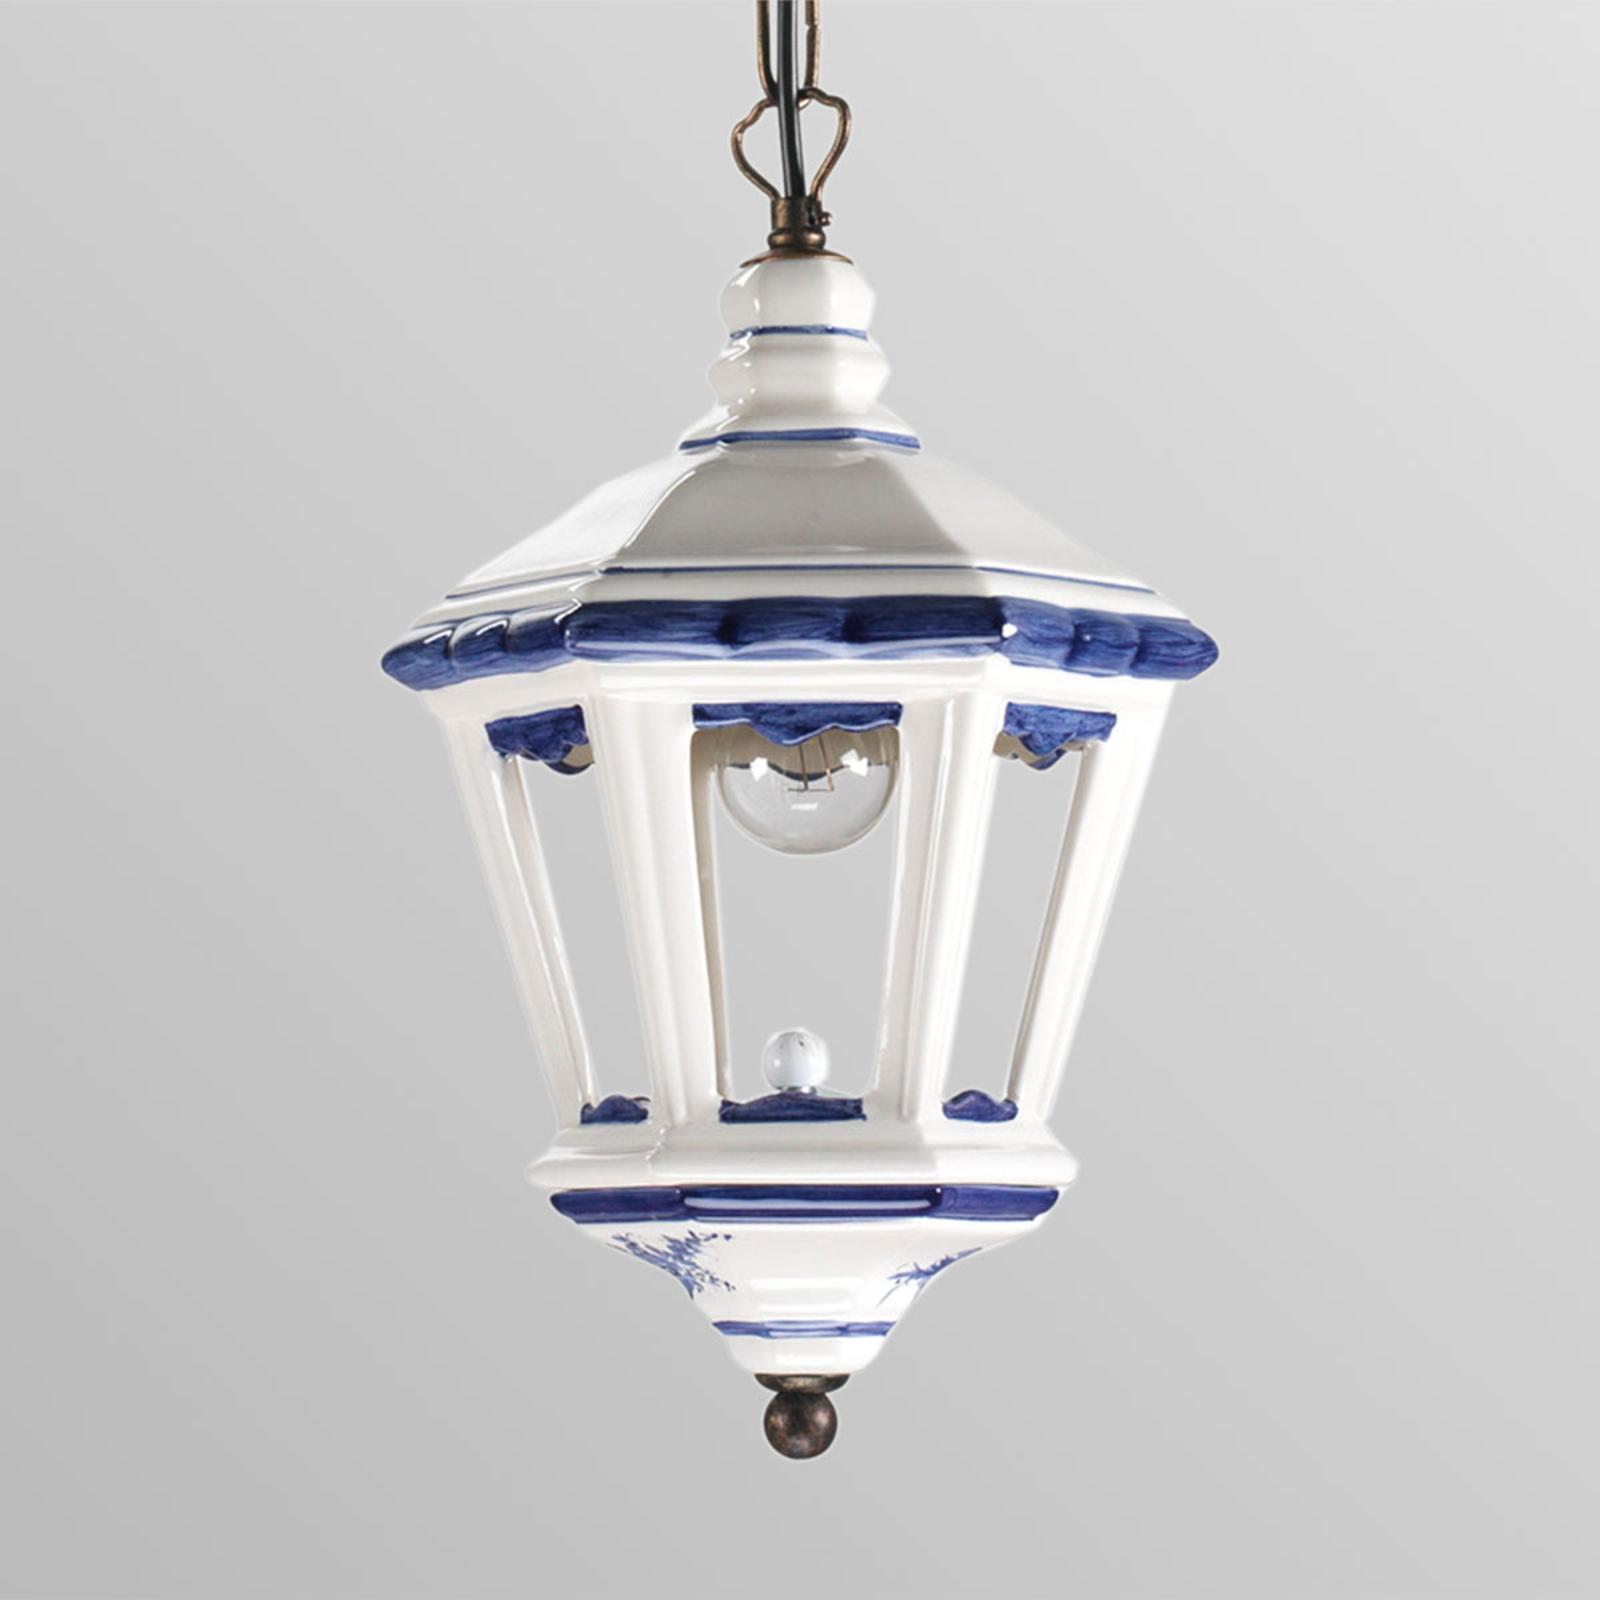 ADONIA - lampa wisząca w formie latarenki